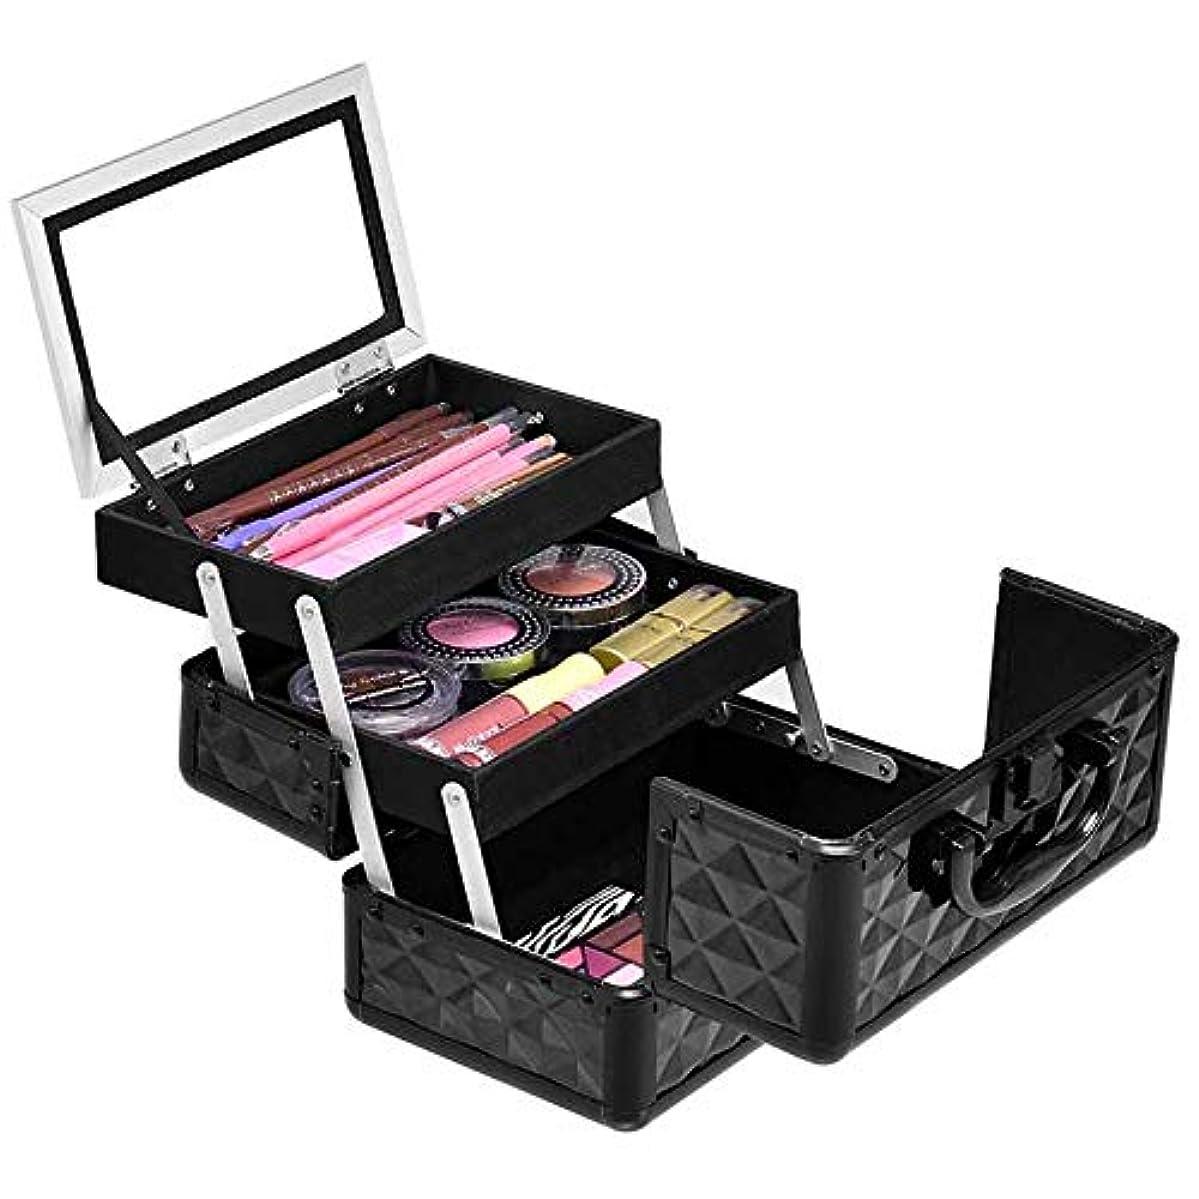 ハーネス出口ごめんなさいCostway コスメボックス メイクボックス 鏡付き 大容量 持ち運び 化粧品収納ボックス プロ用 化粧箱 コスメ収納ボックス ブラック